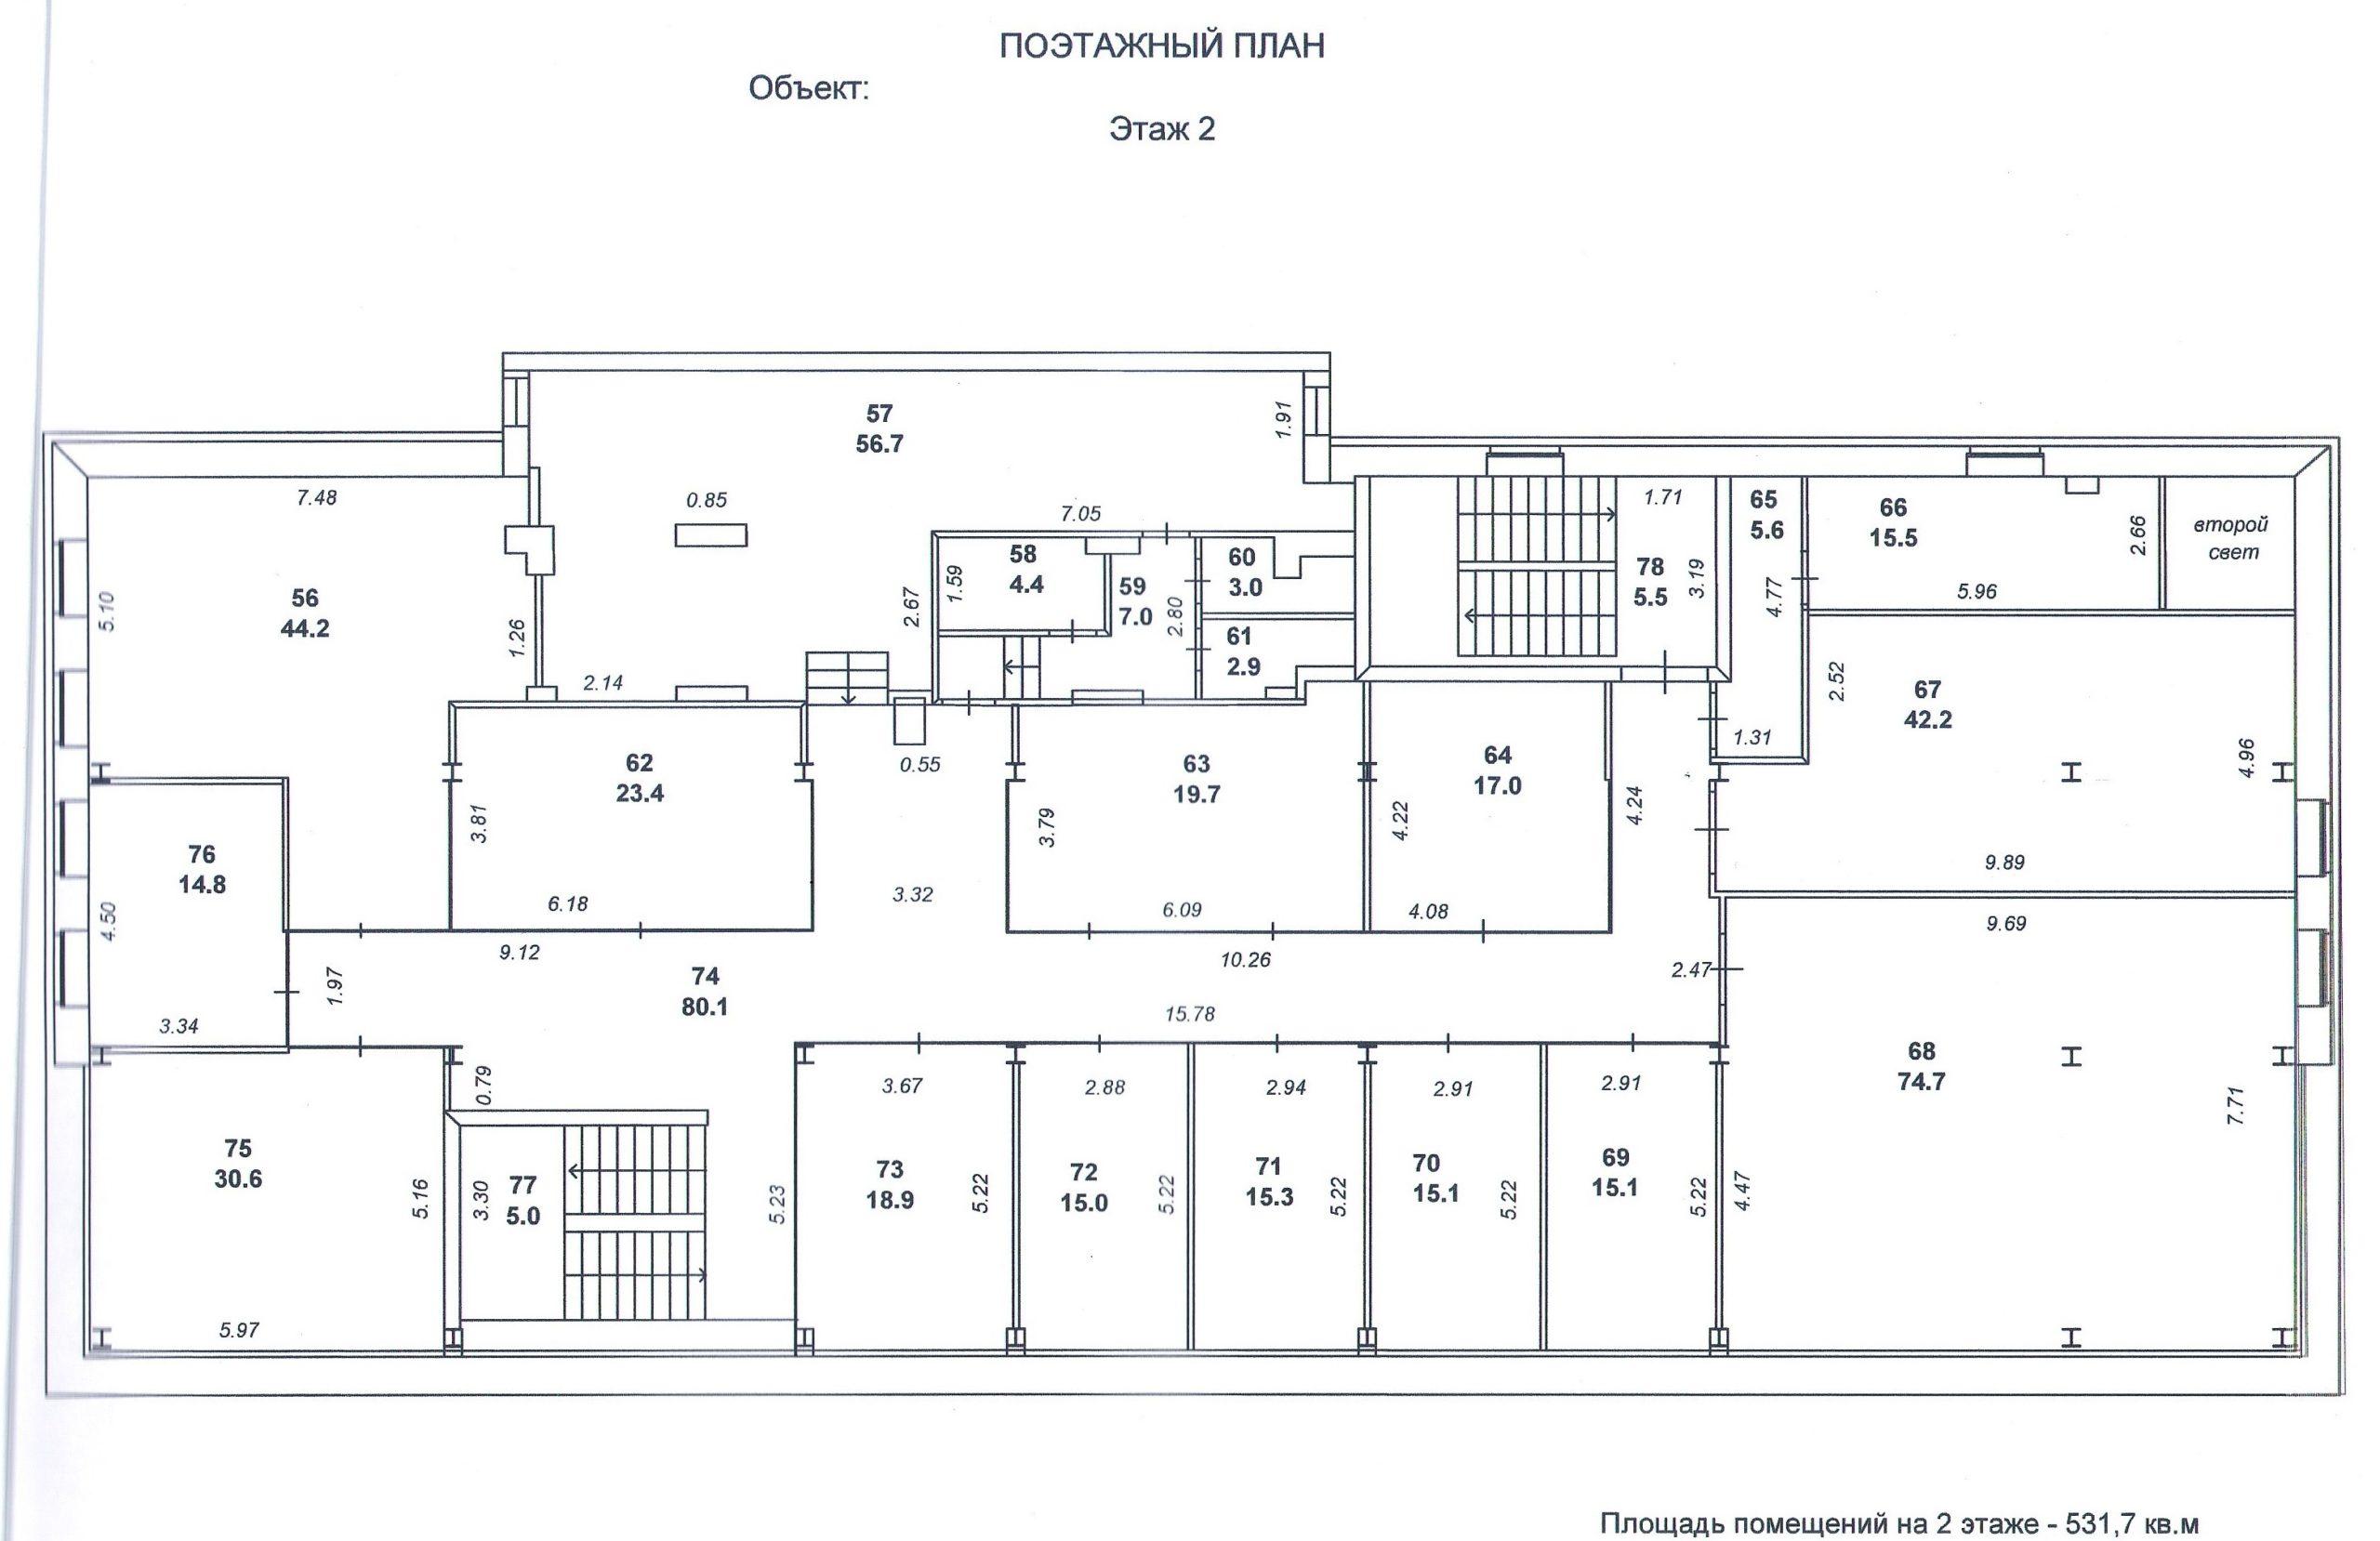 На поэтажном плане после раздела будет отмечено местоположение новых объектов. Поэтажный план включается в содержание технического плана.